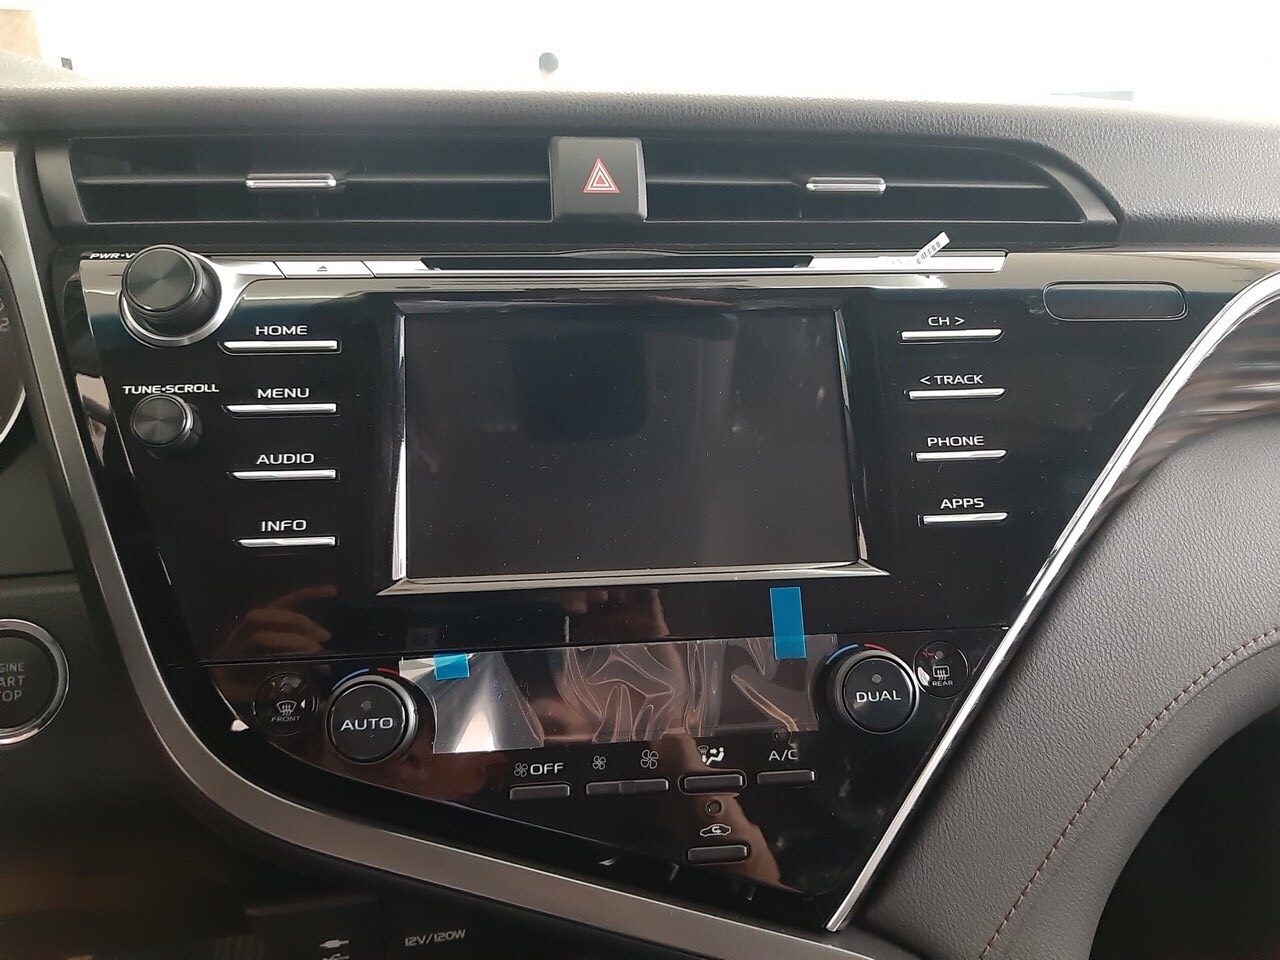 Toyota Camry 2.5Q ảnh 16 - Camry 2.0G [hienthinam]: giá xe và khuyến mãi tháng [hienthithang]